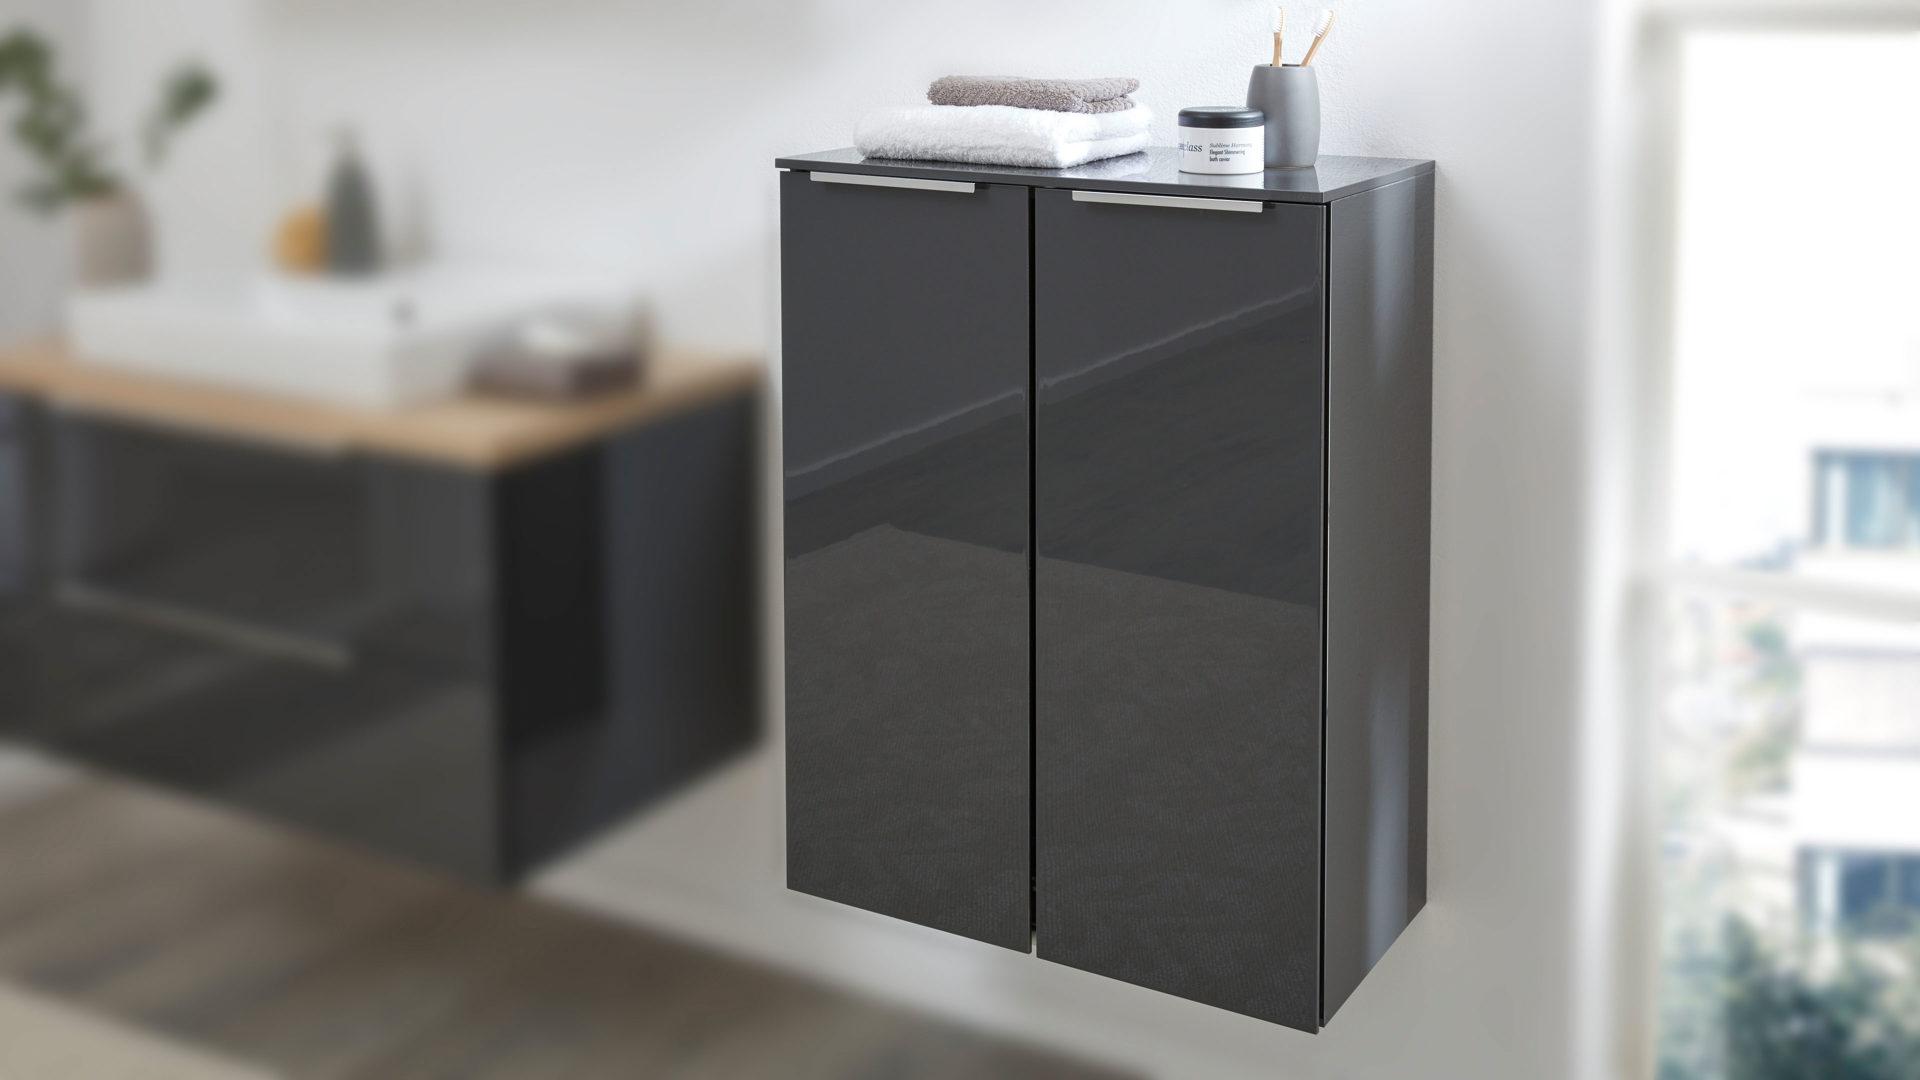 Interliving Bad Serie 19 – Highboard, karbonfarbene  Hochglanz-Lackoberflächen – zwei Türen